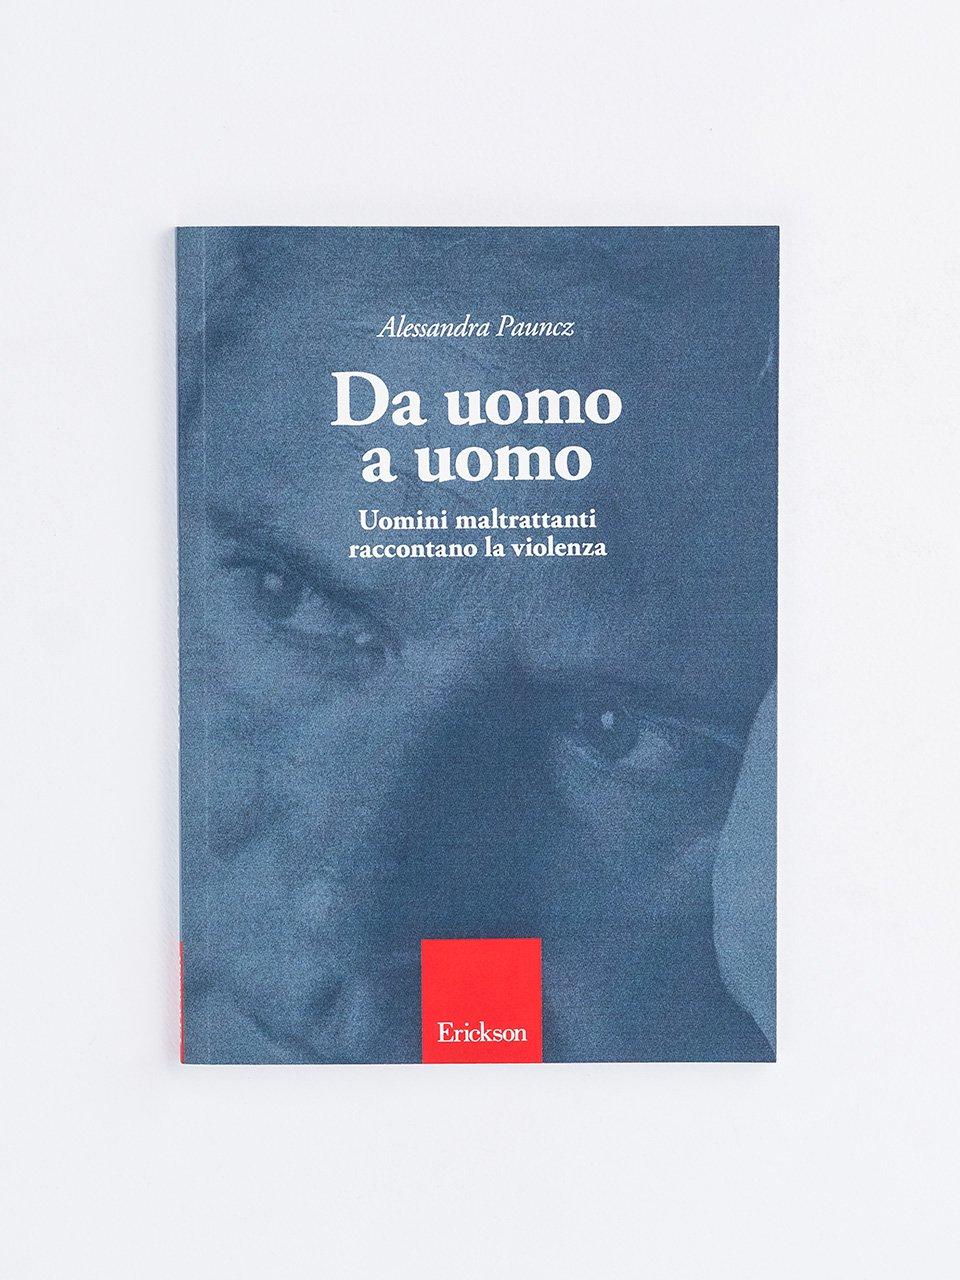 Da uomo a uomo - Che genere di violenza - Libri - Erickson